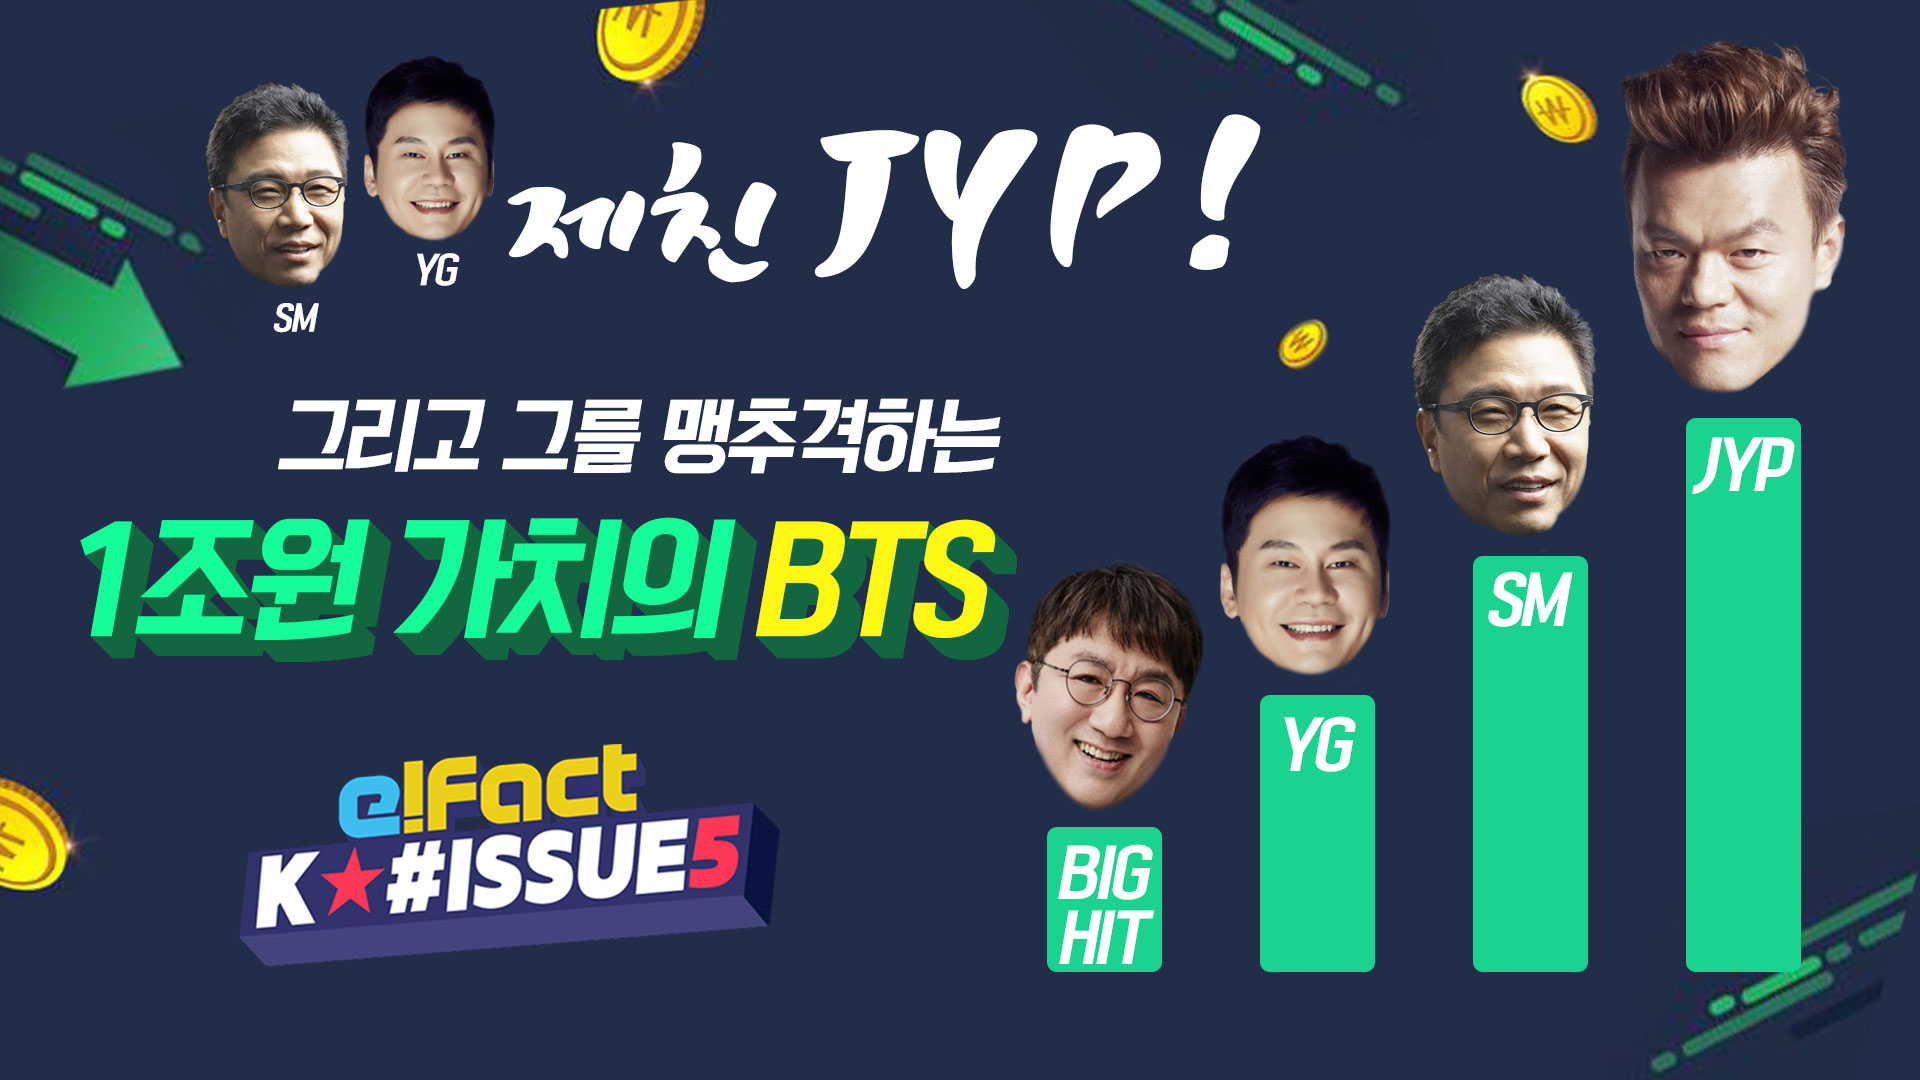 이수만 양현석 제친 JYP! 그리고 그를 맹추격하는 1조원가치의 방탄